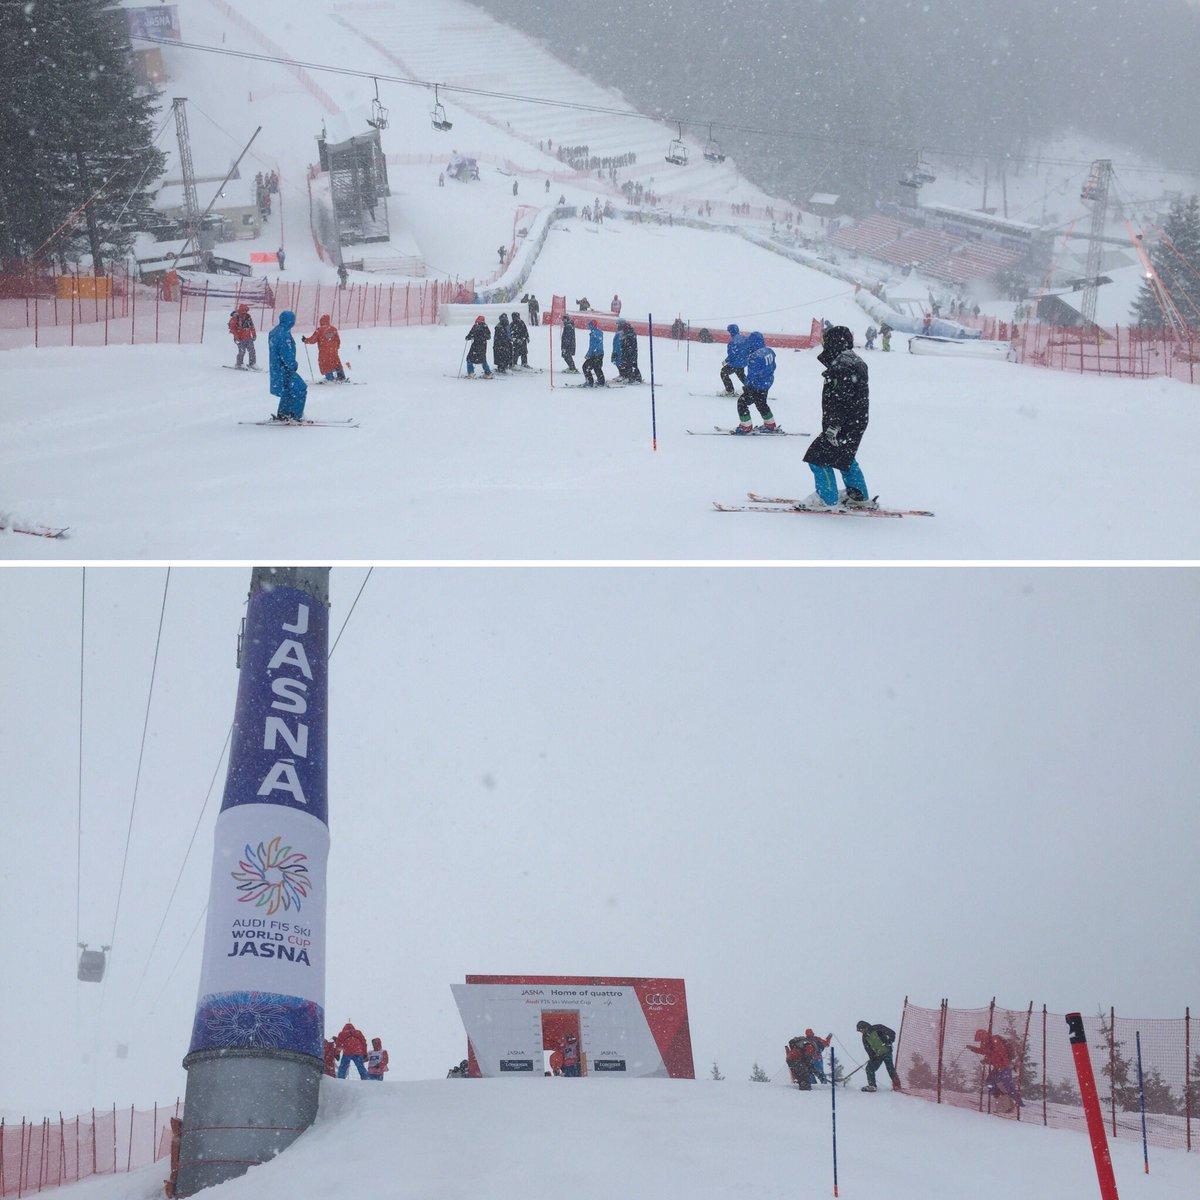 Le topic du ski et des sports d'hiver saison 2015-2016 V2 Cc2PEybXIAAJ3uT